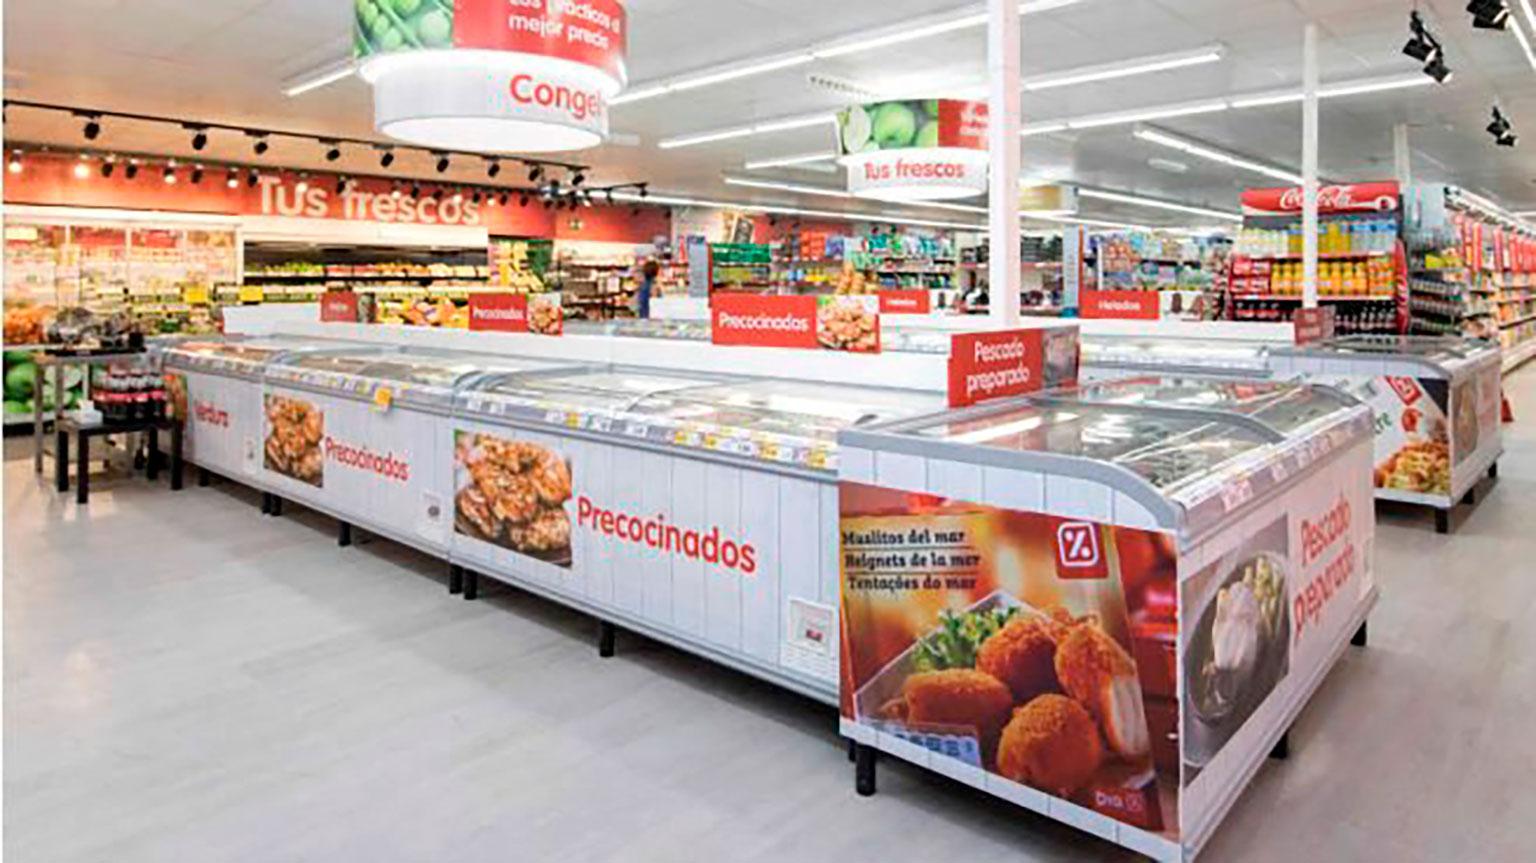 Promociones y campañas personalizadas, claves para ganar en la decisión de compra